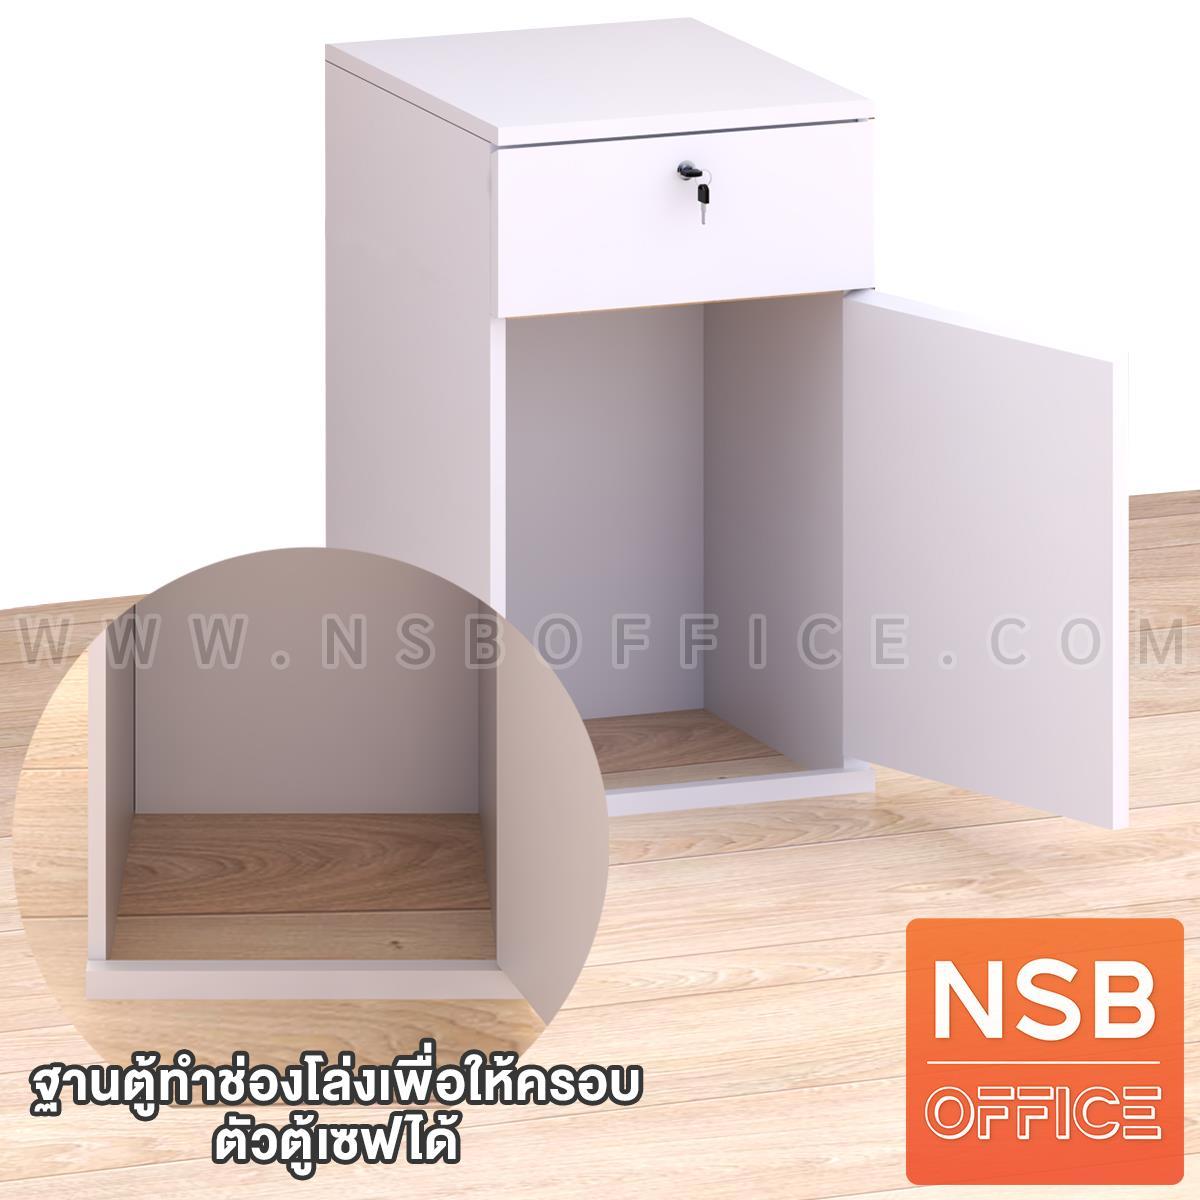 ตู้ครอบเซฟ (แนวตั้ง) 2 บานเปิด รุ่น Lightout (ไลท์เอาท์)  ขนาด 70W*70D*120H cm. สำหรับเซฟน้ำหนัก 190 กก.